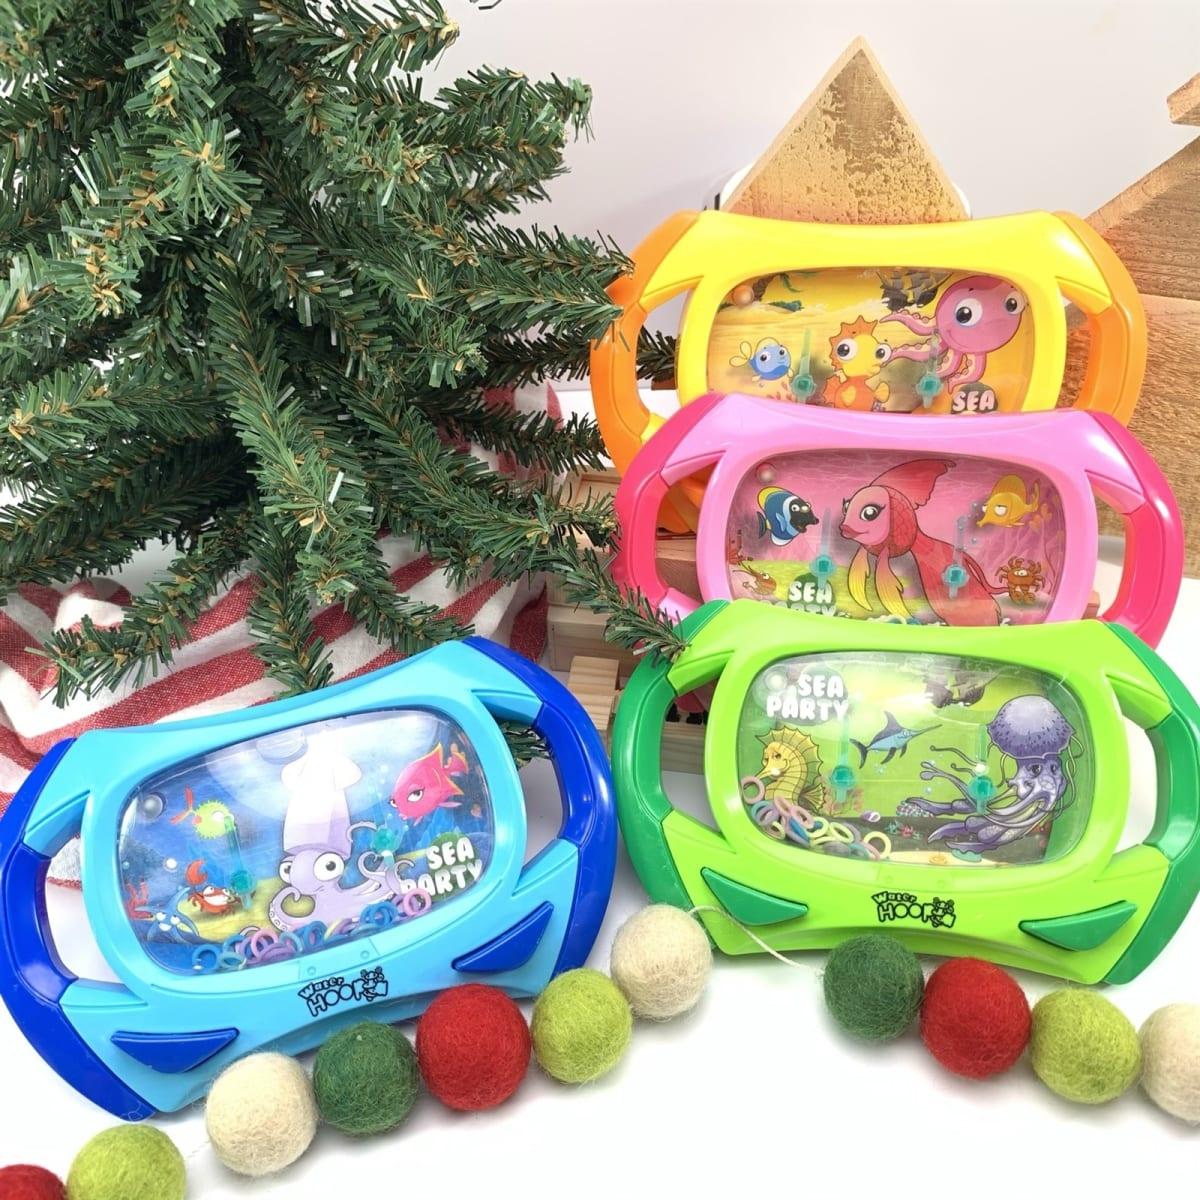 Ultimate Fun Water Toys